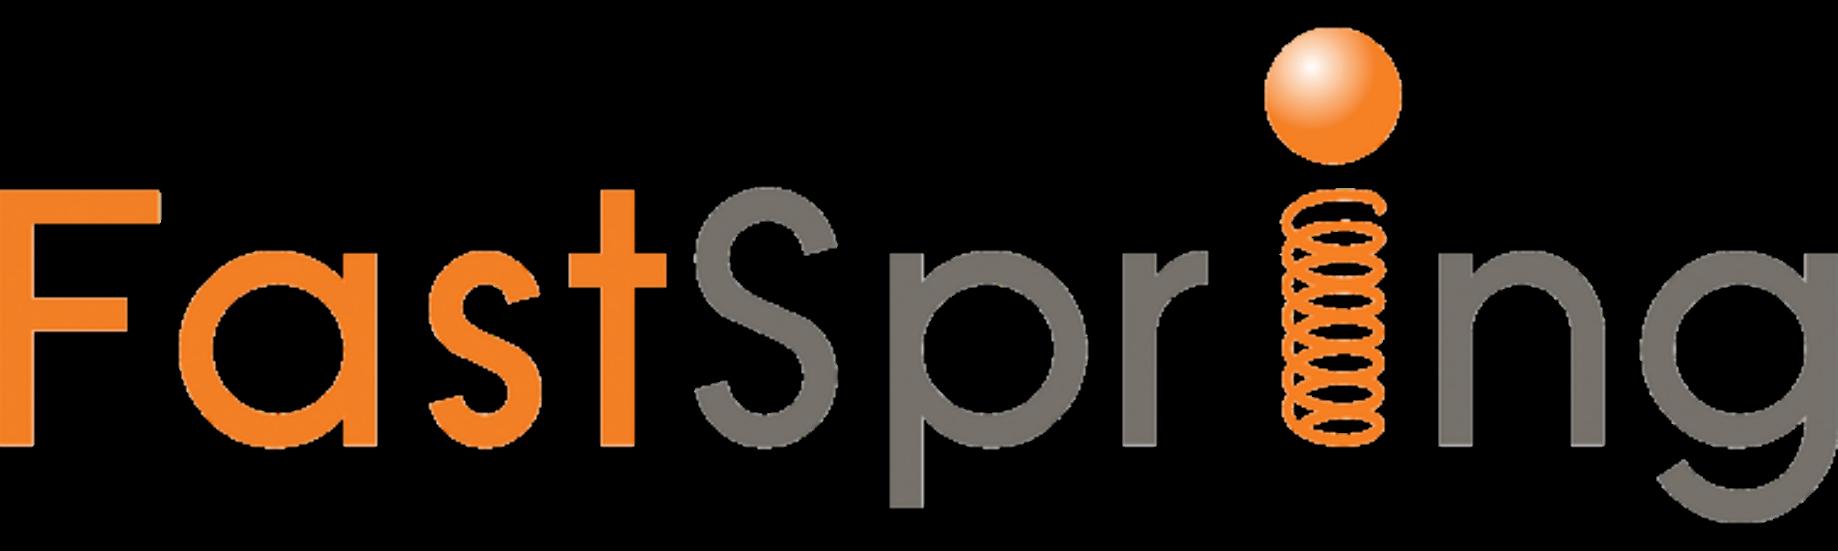 FastSpring Logo.png